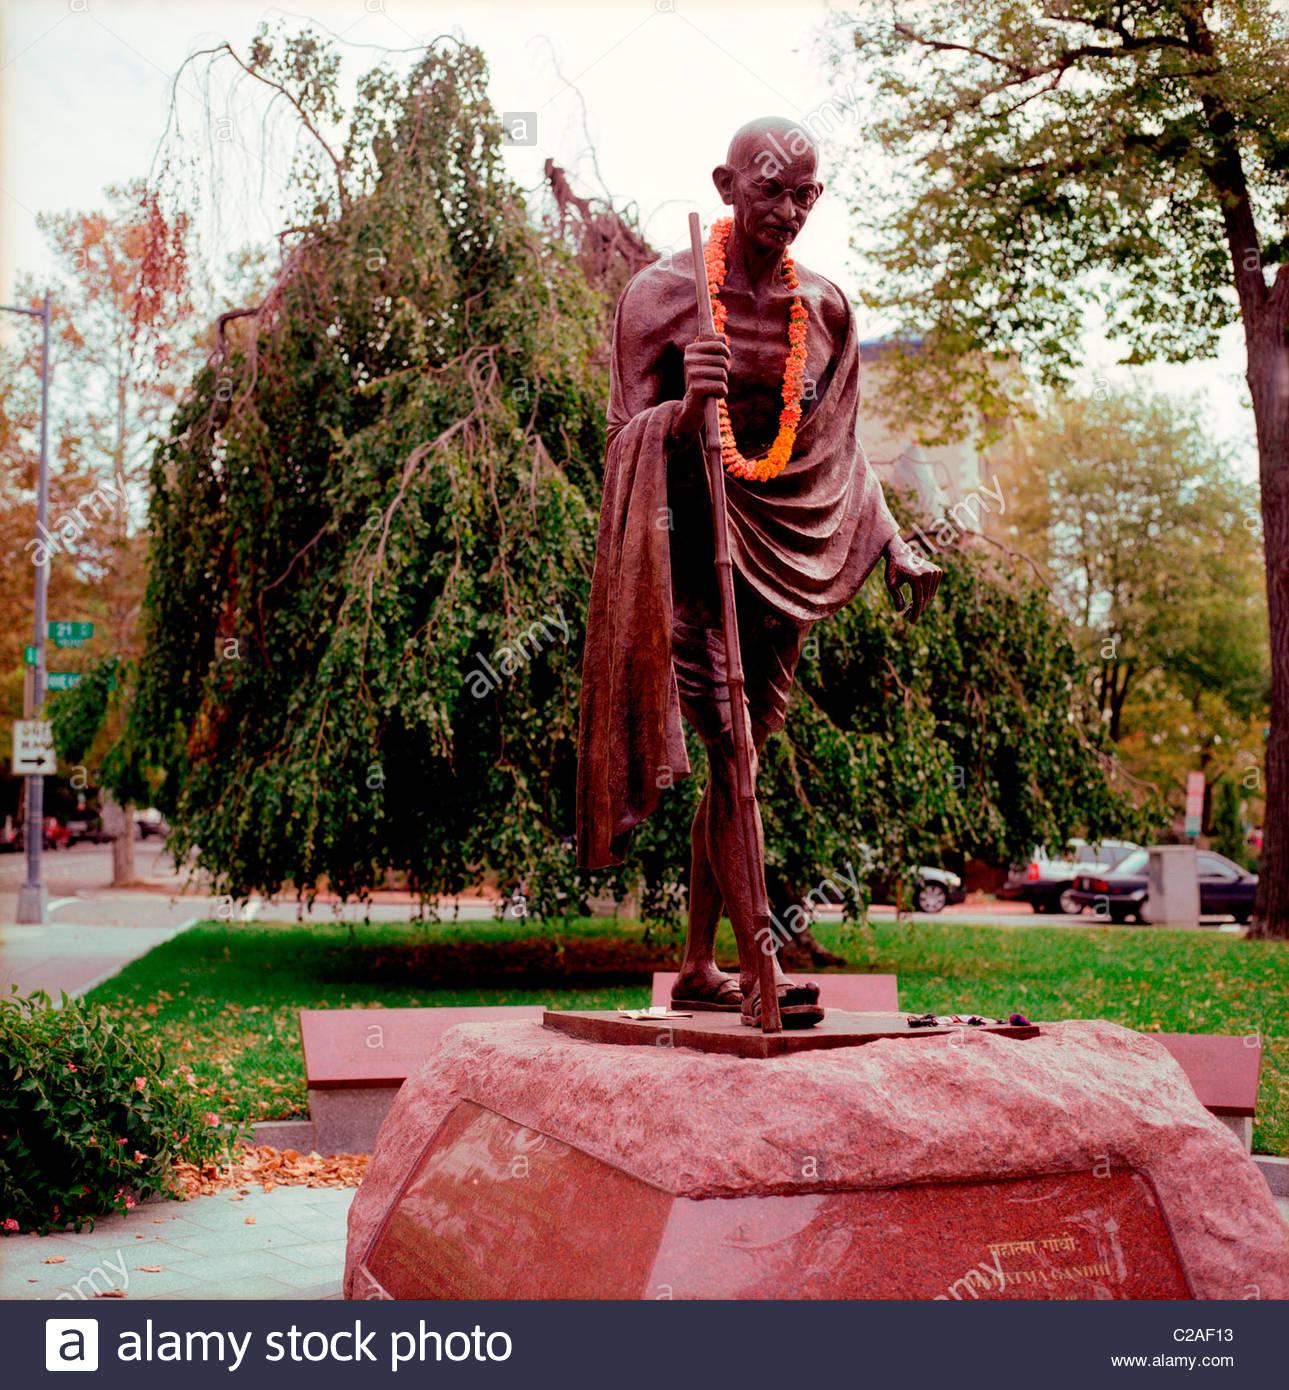 The Mohandas Gandhi Memorial on Massachusetts Ave. and 21st Street. - Stock Image